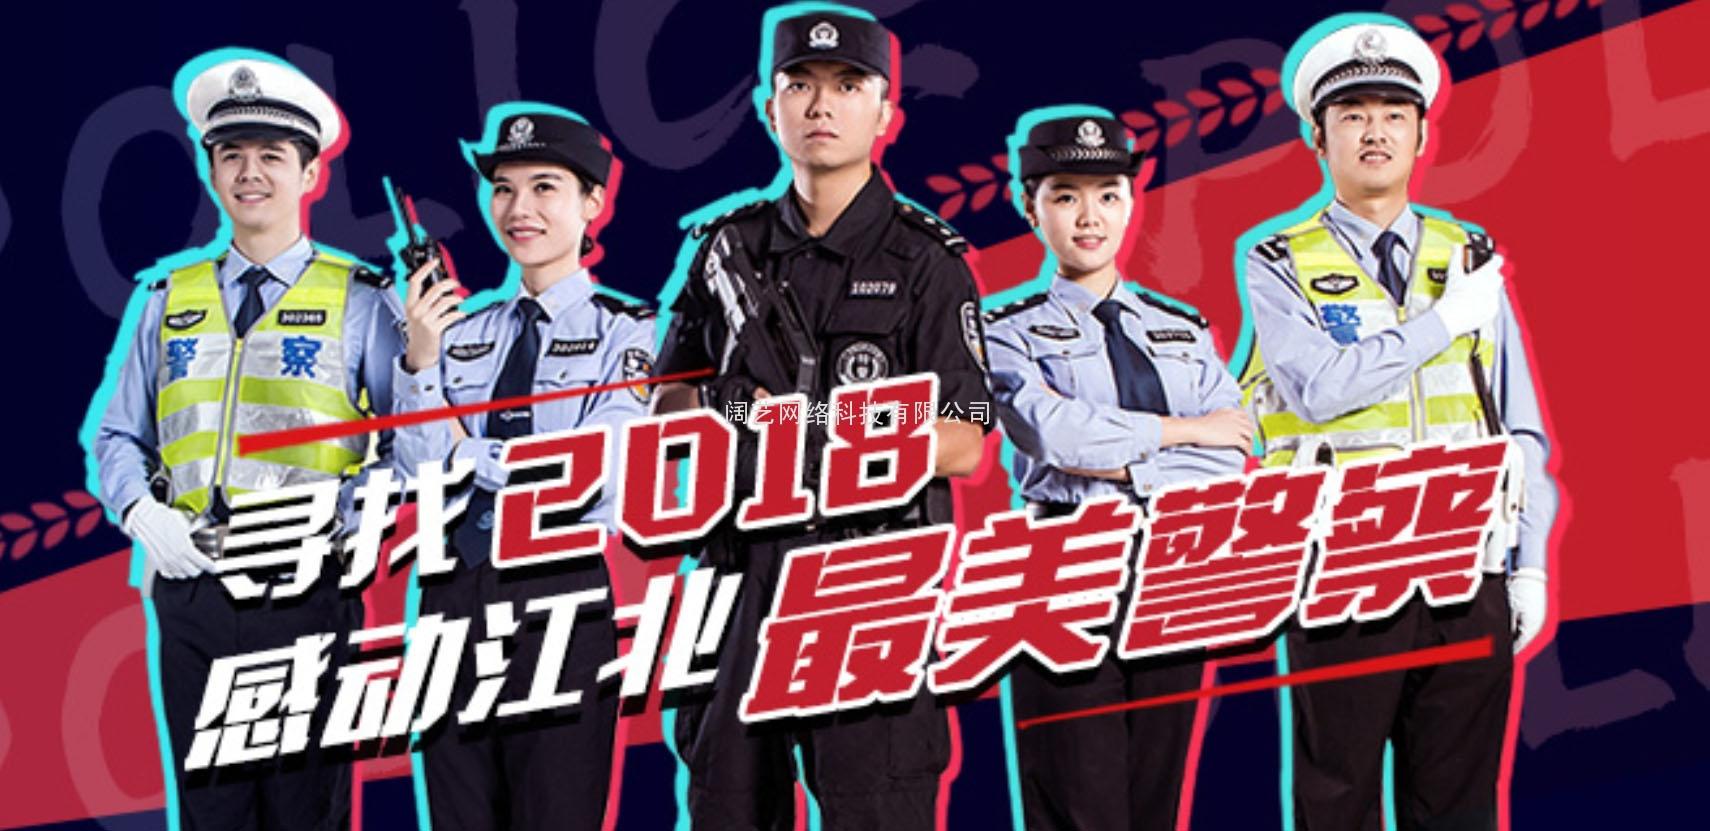 感动江北最美警察